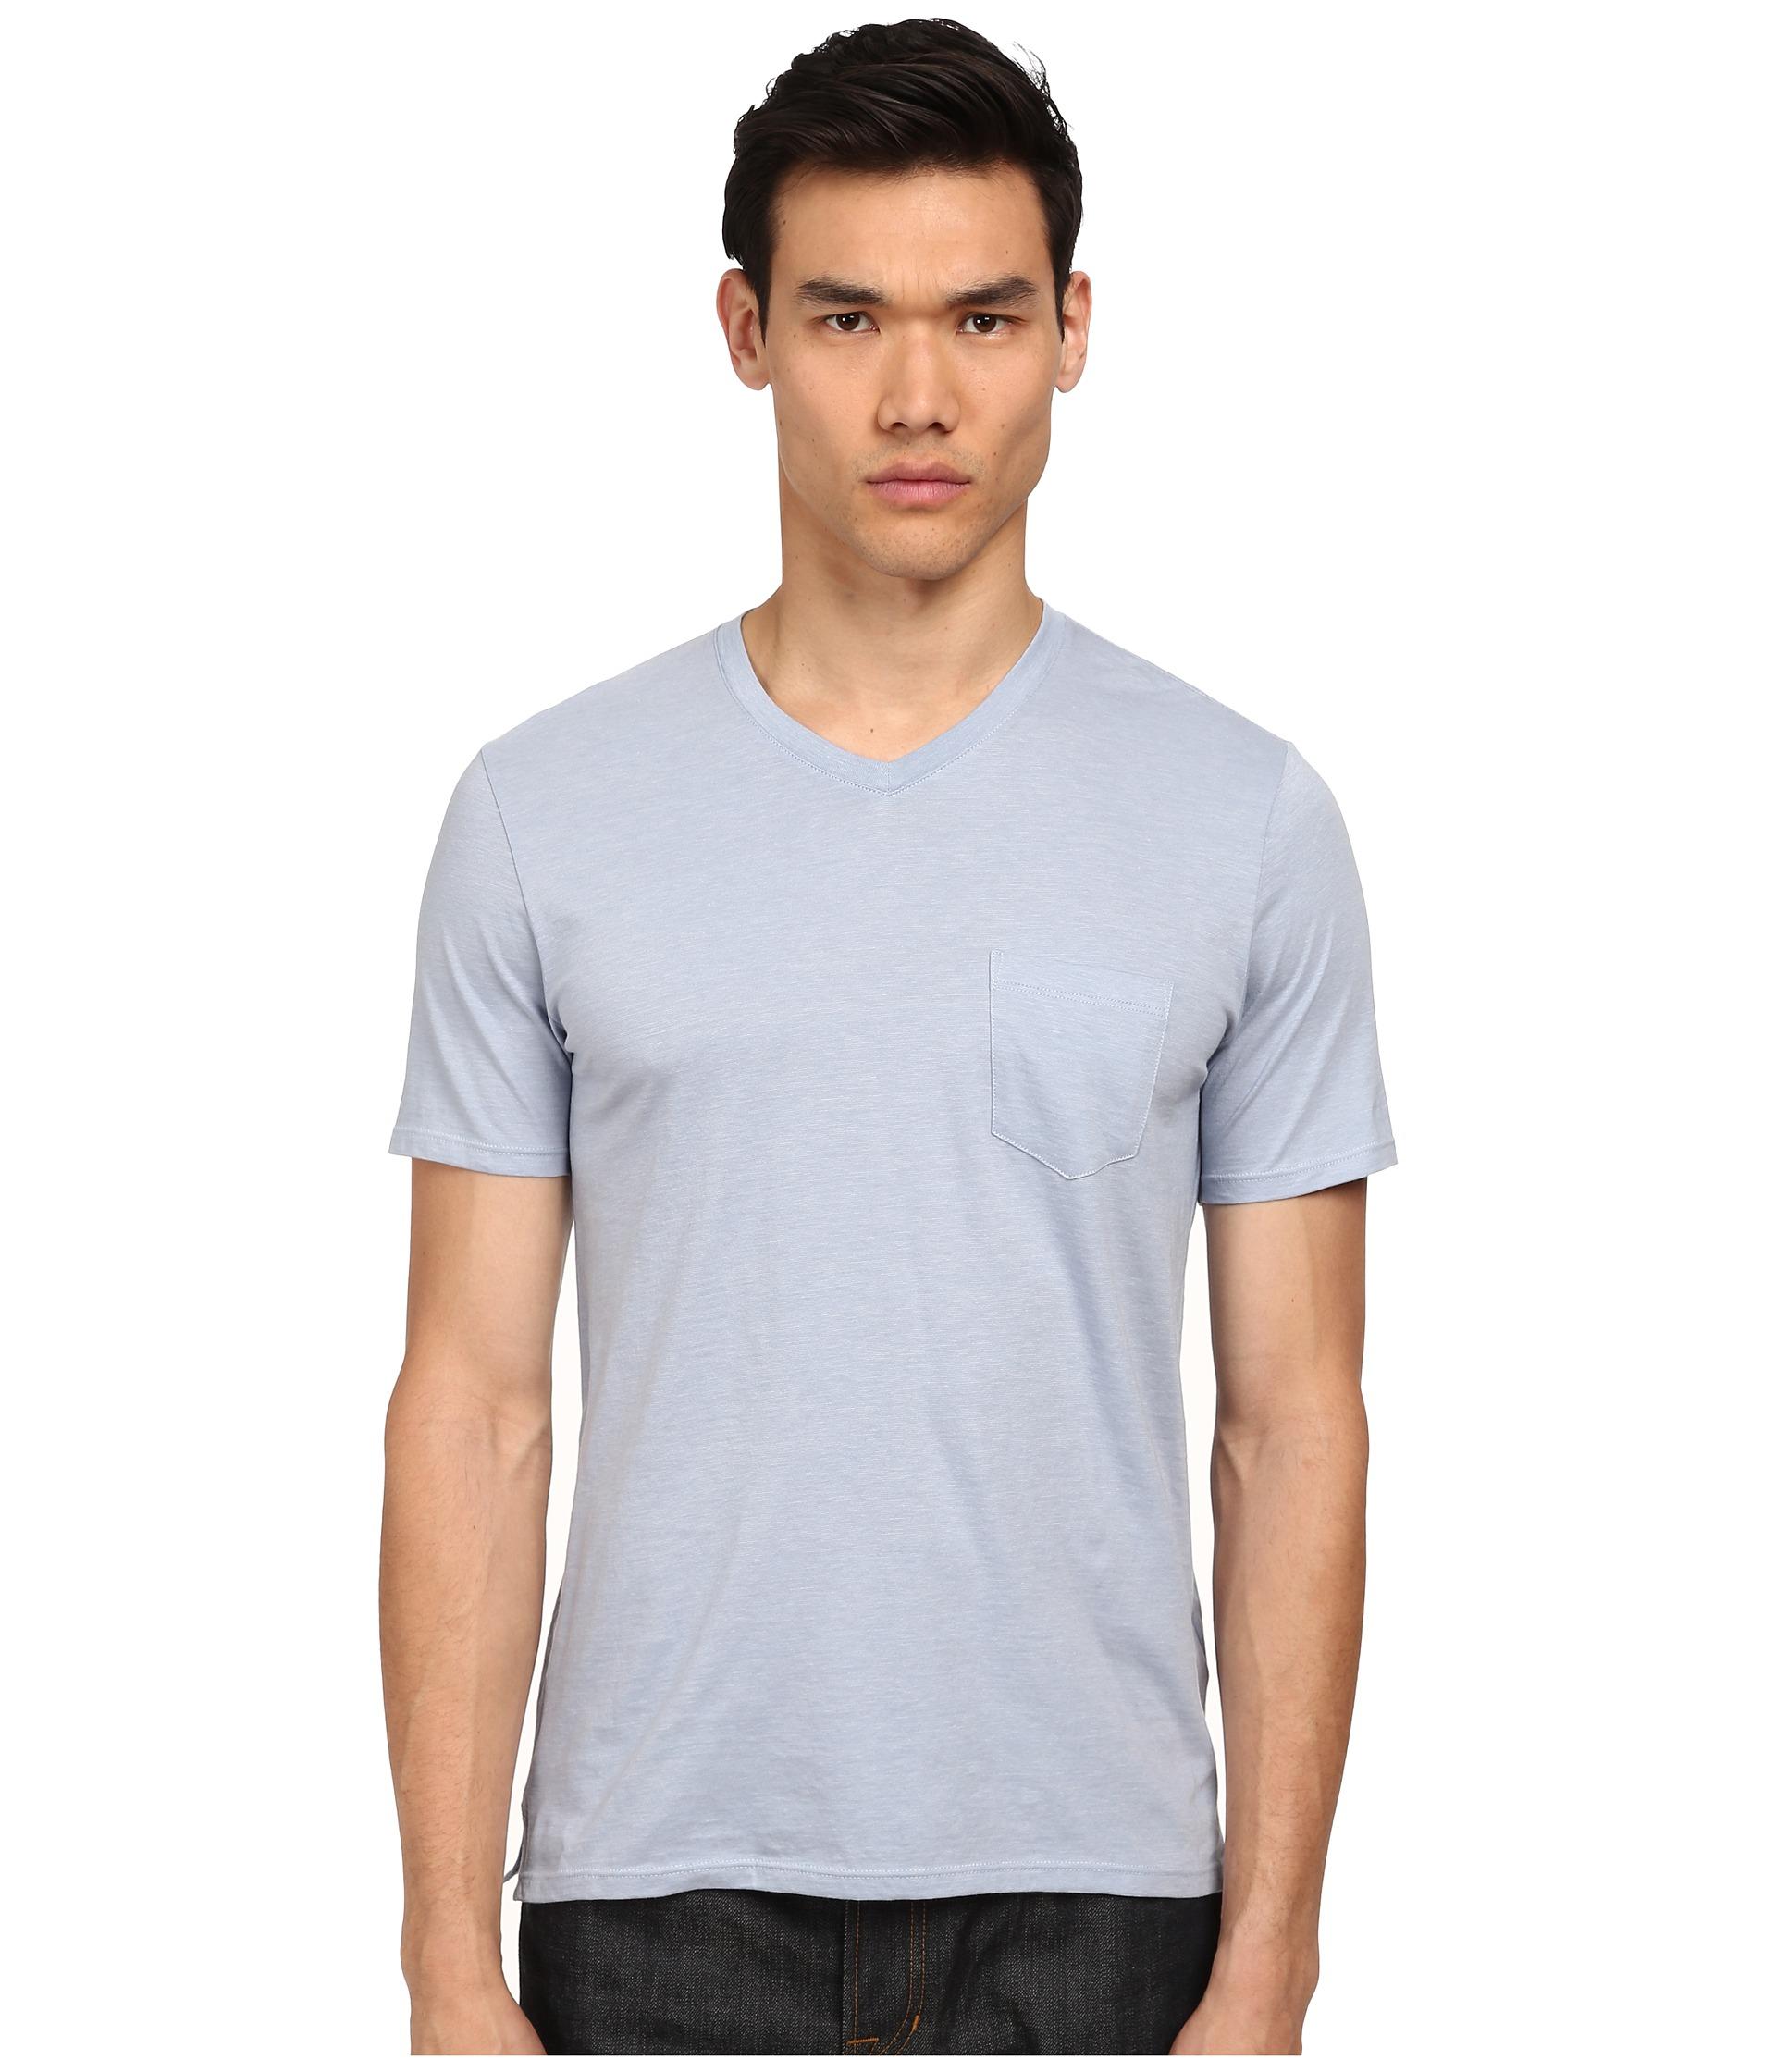 Vince v neck pocket tee in blue for men still water paris for Men s v neck pocket tee shirts